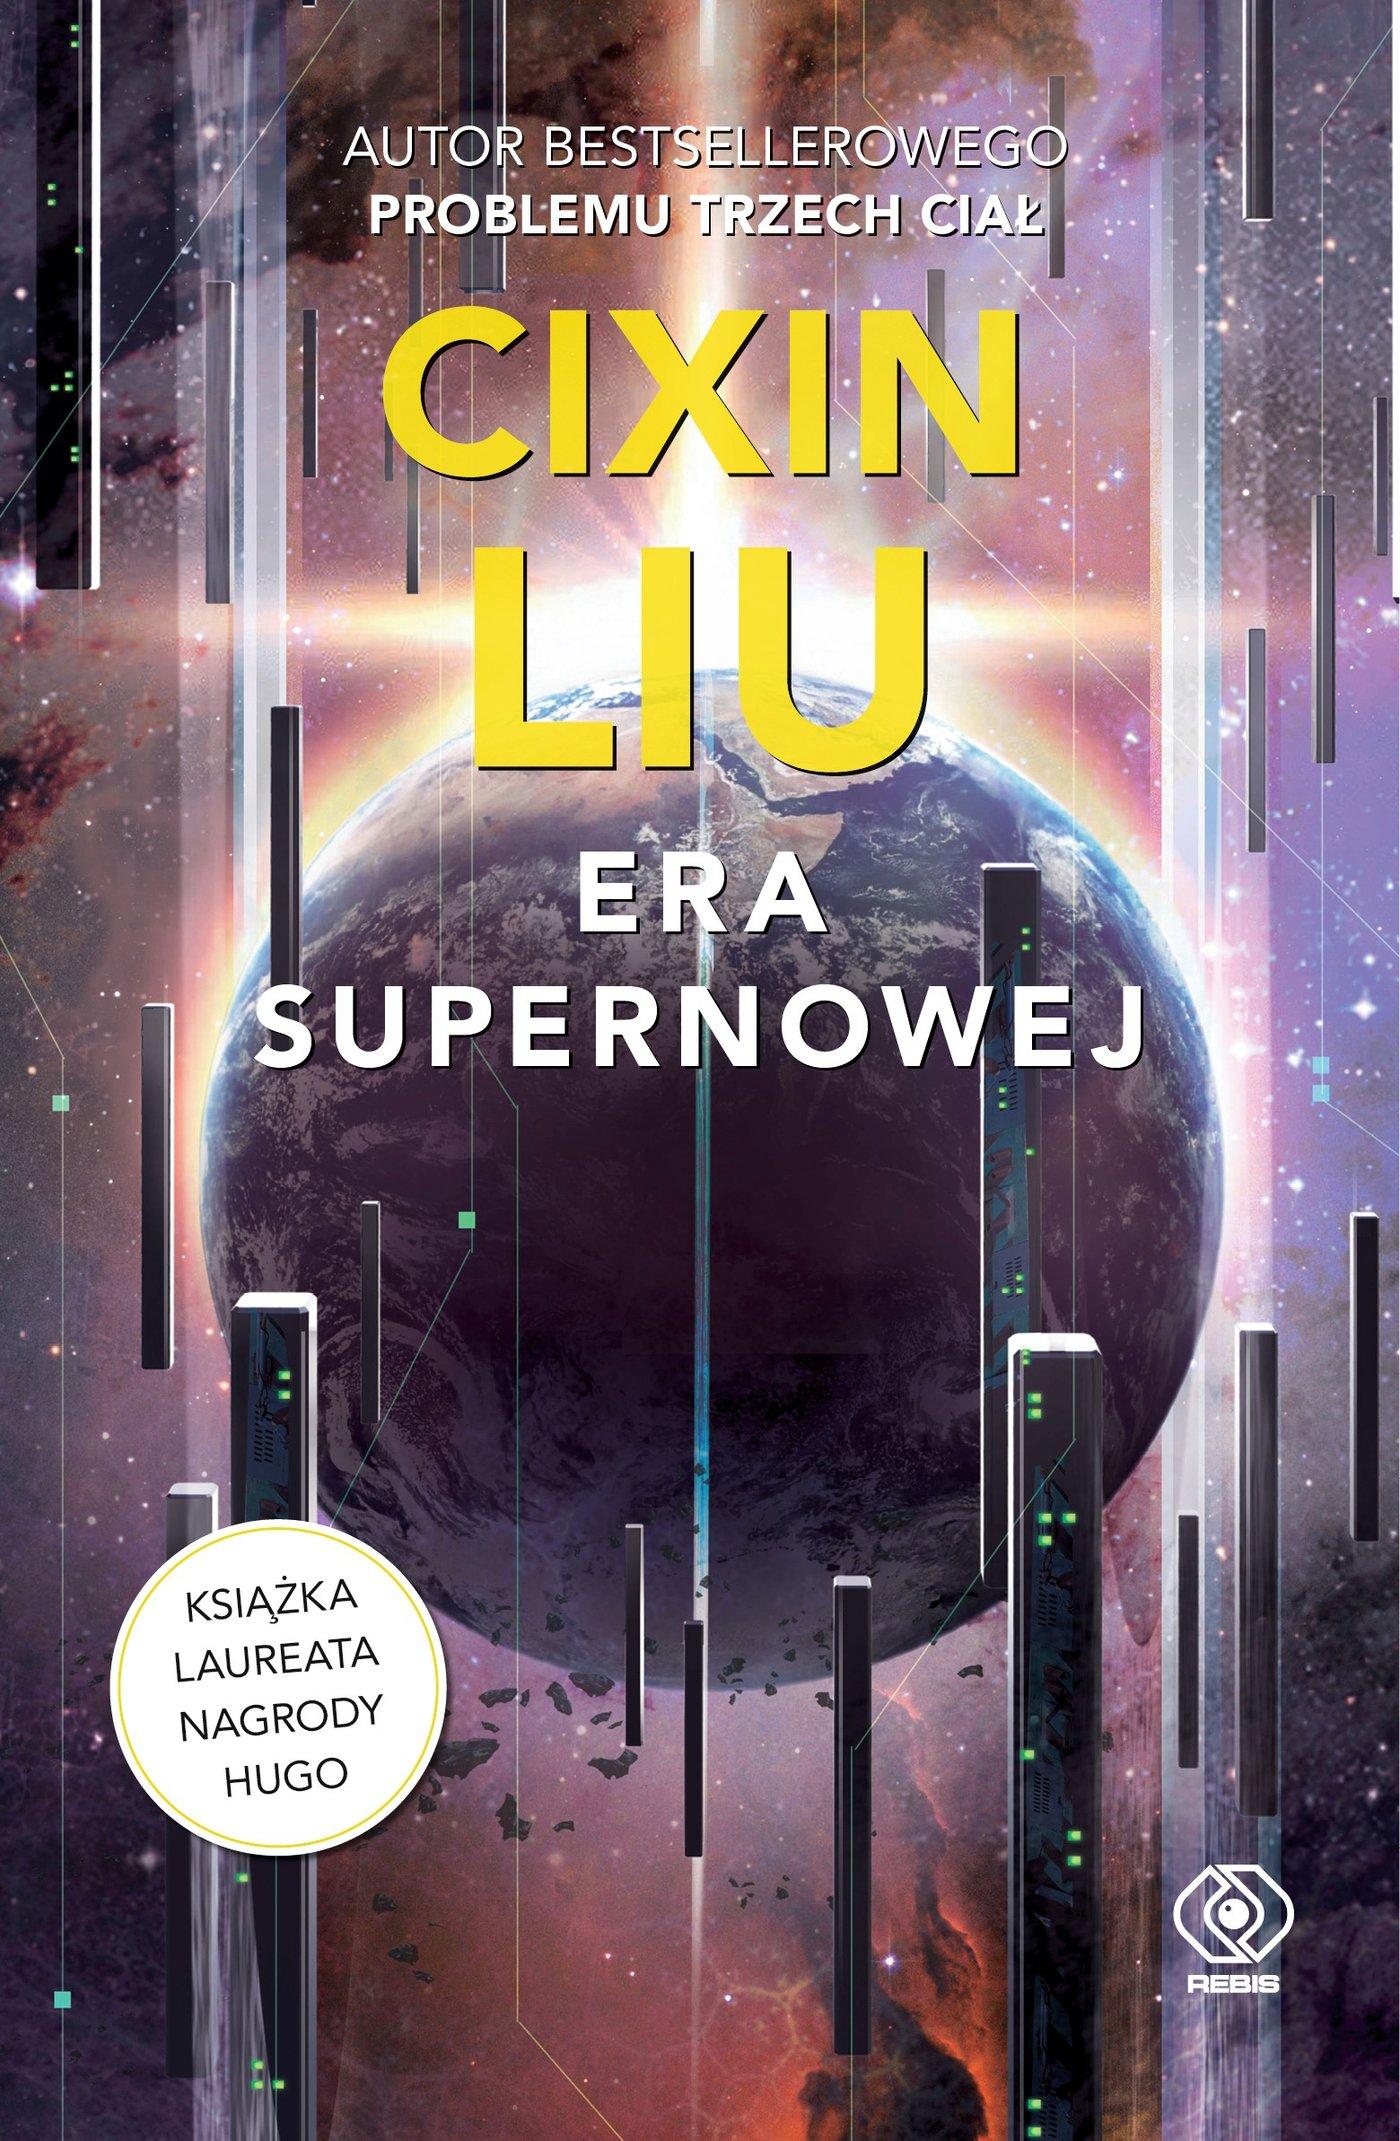 Era supernowej - Ebook (Książka na Kindle) do pobrania w formacie MOBI